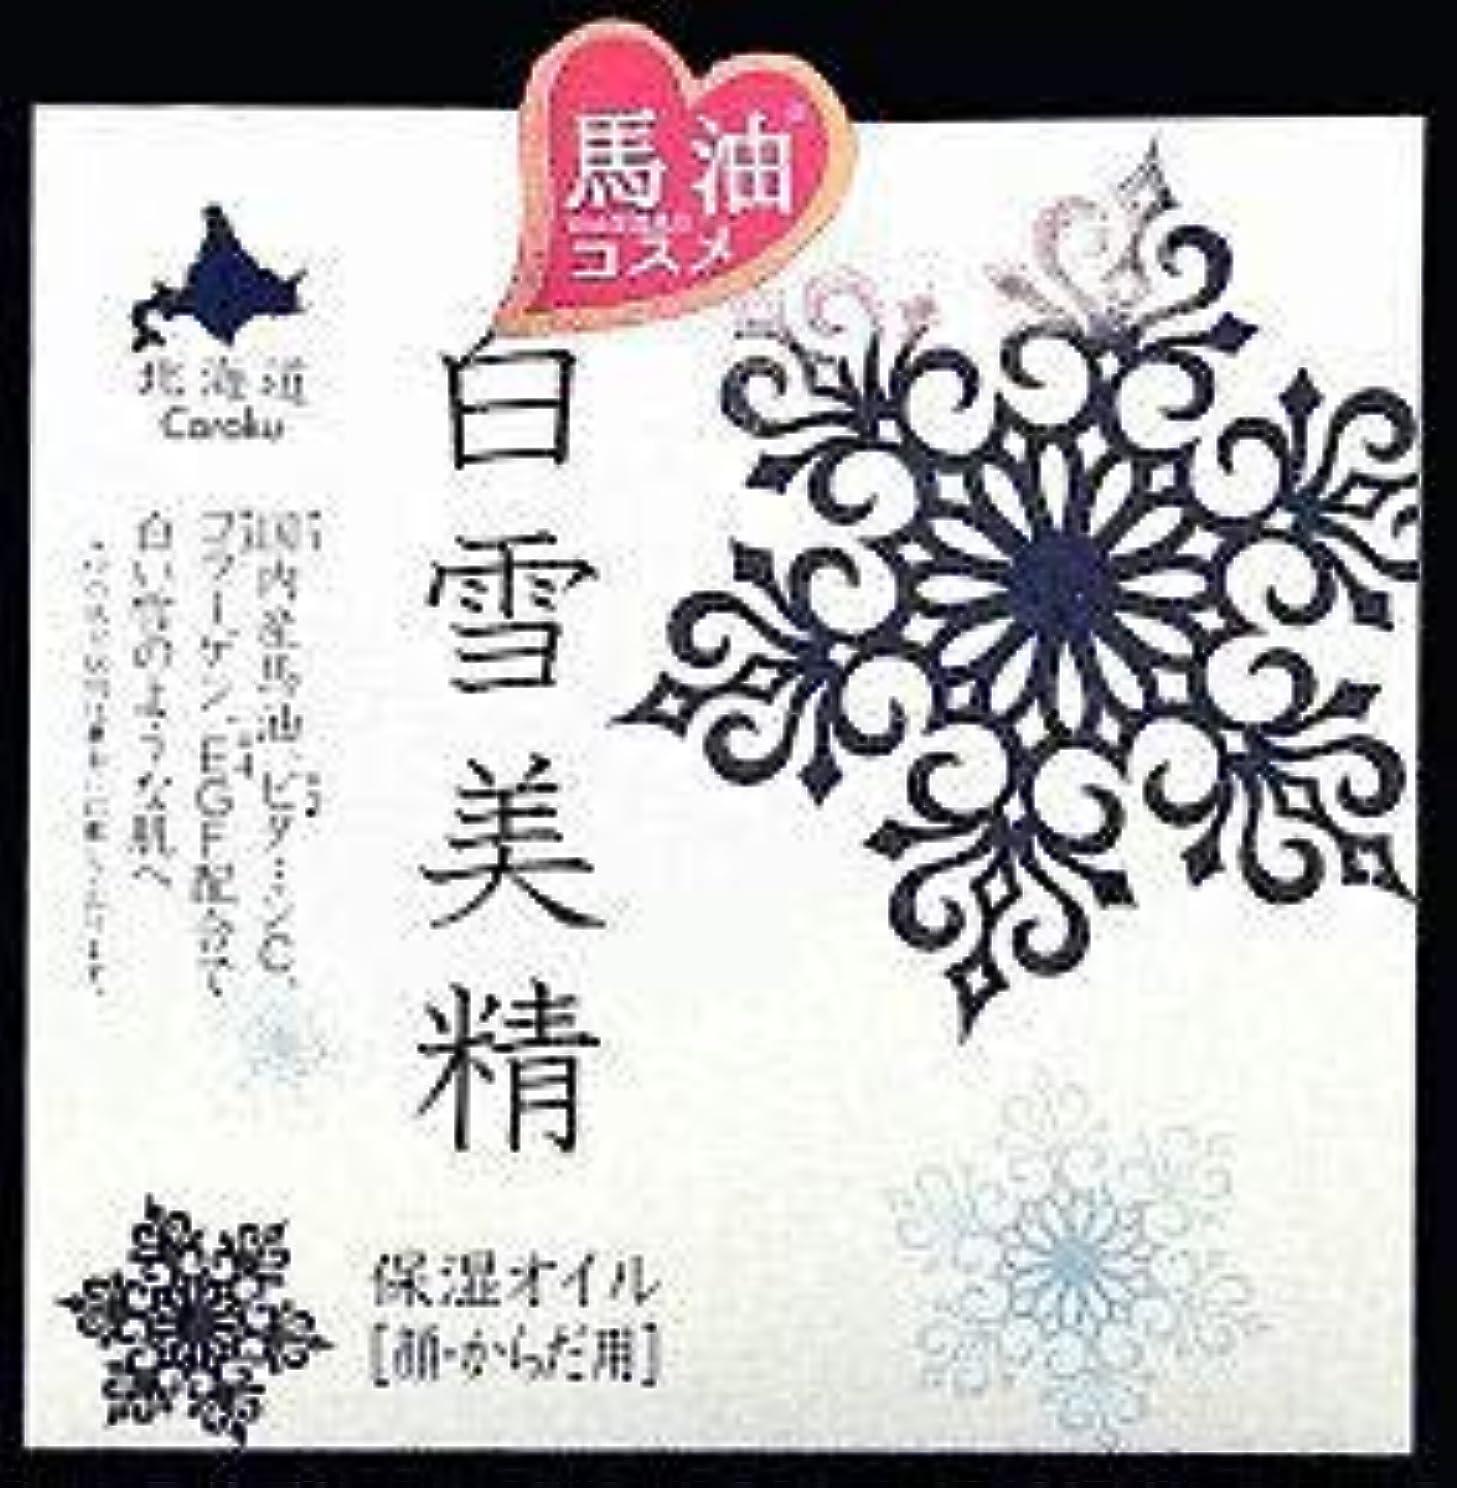 害不快な誇り◆【Coroku】保湿オイル◆白雪美精(顔?からだ用) 90ml◆